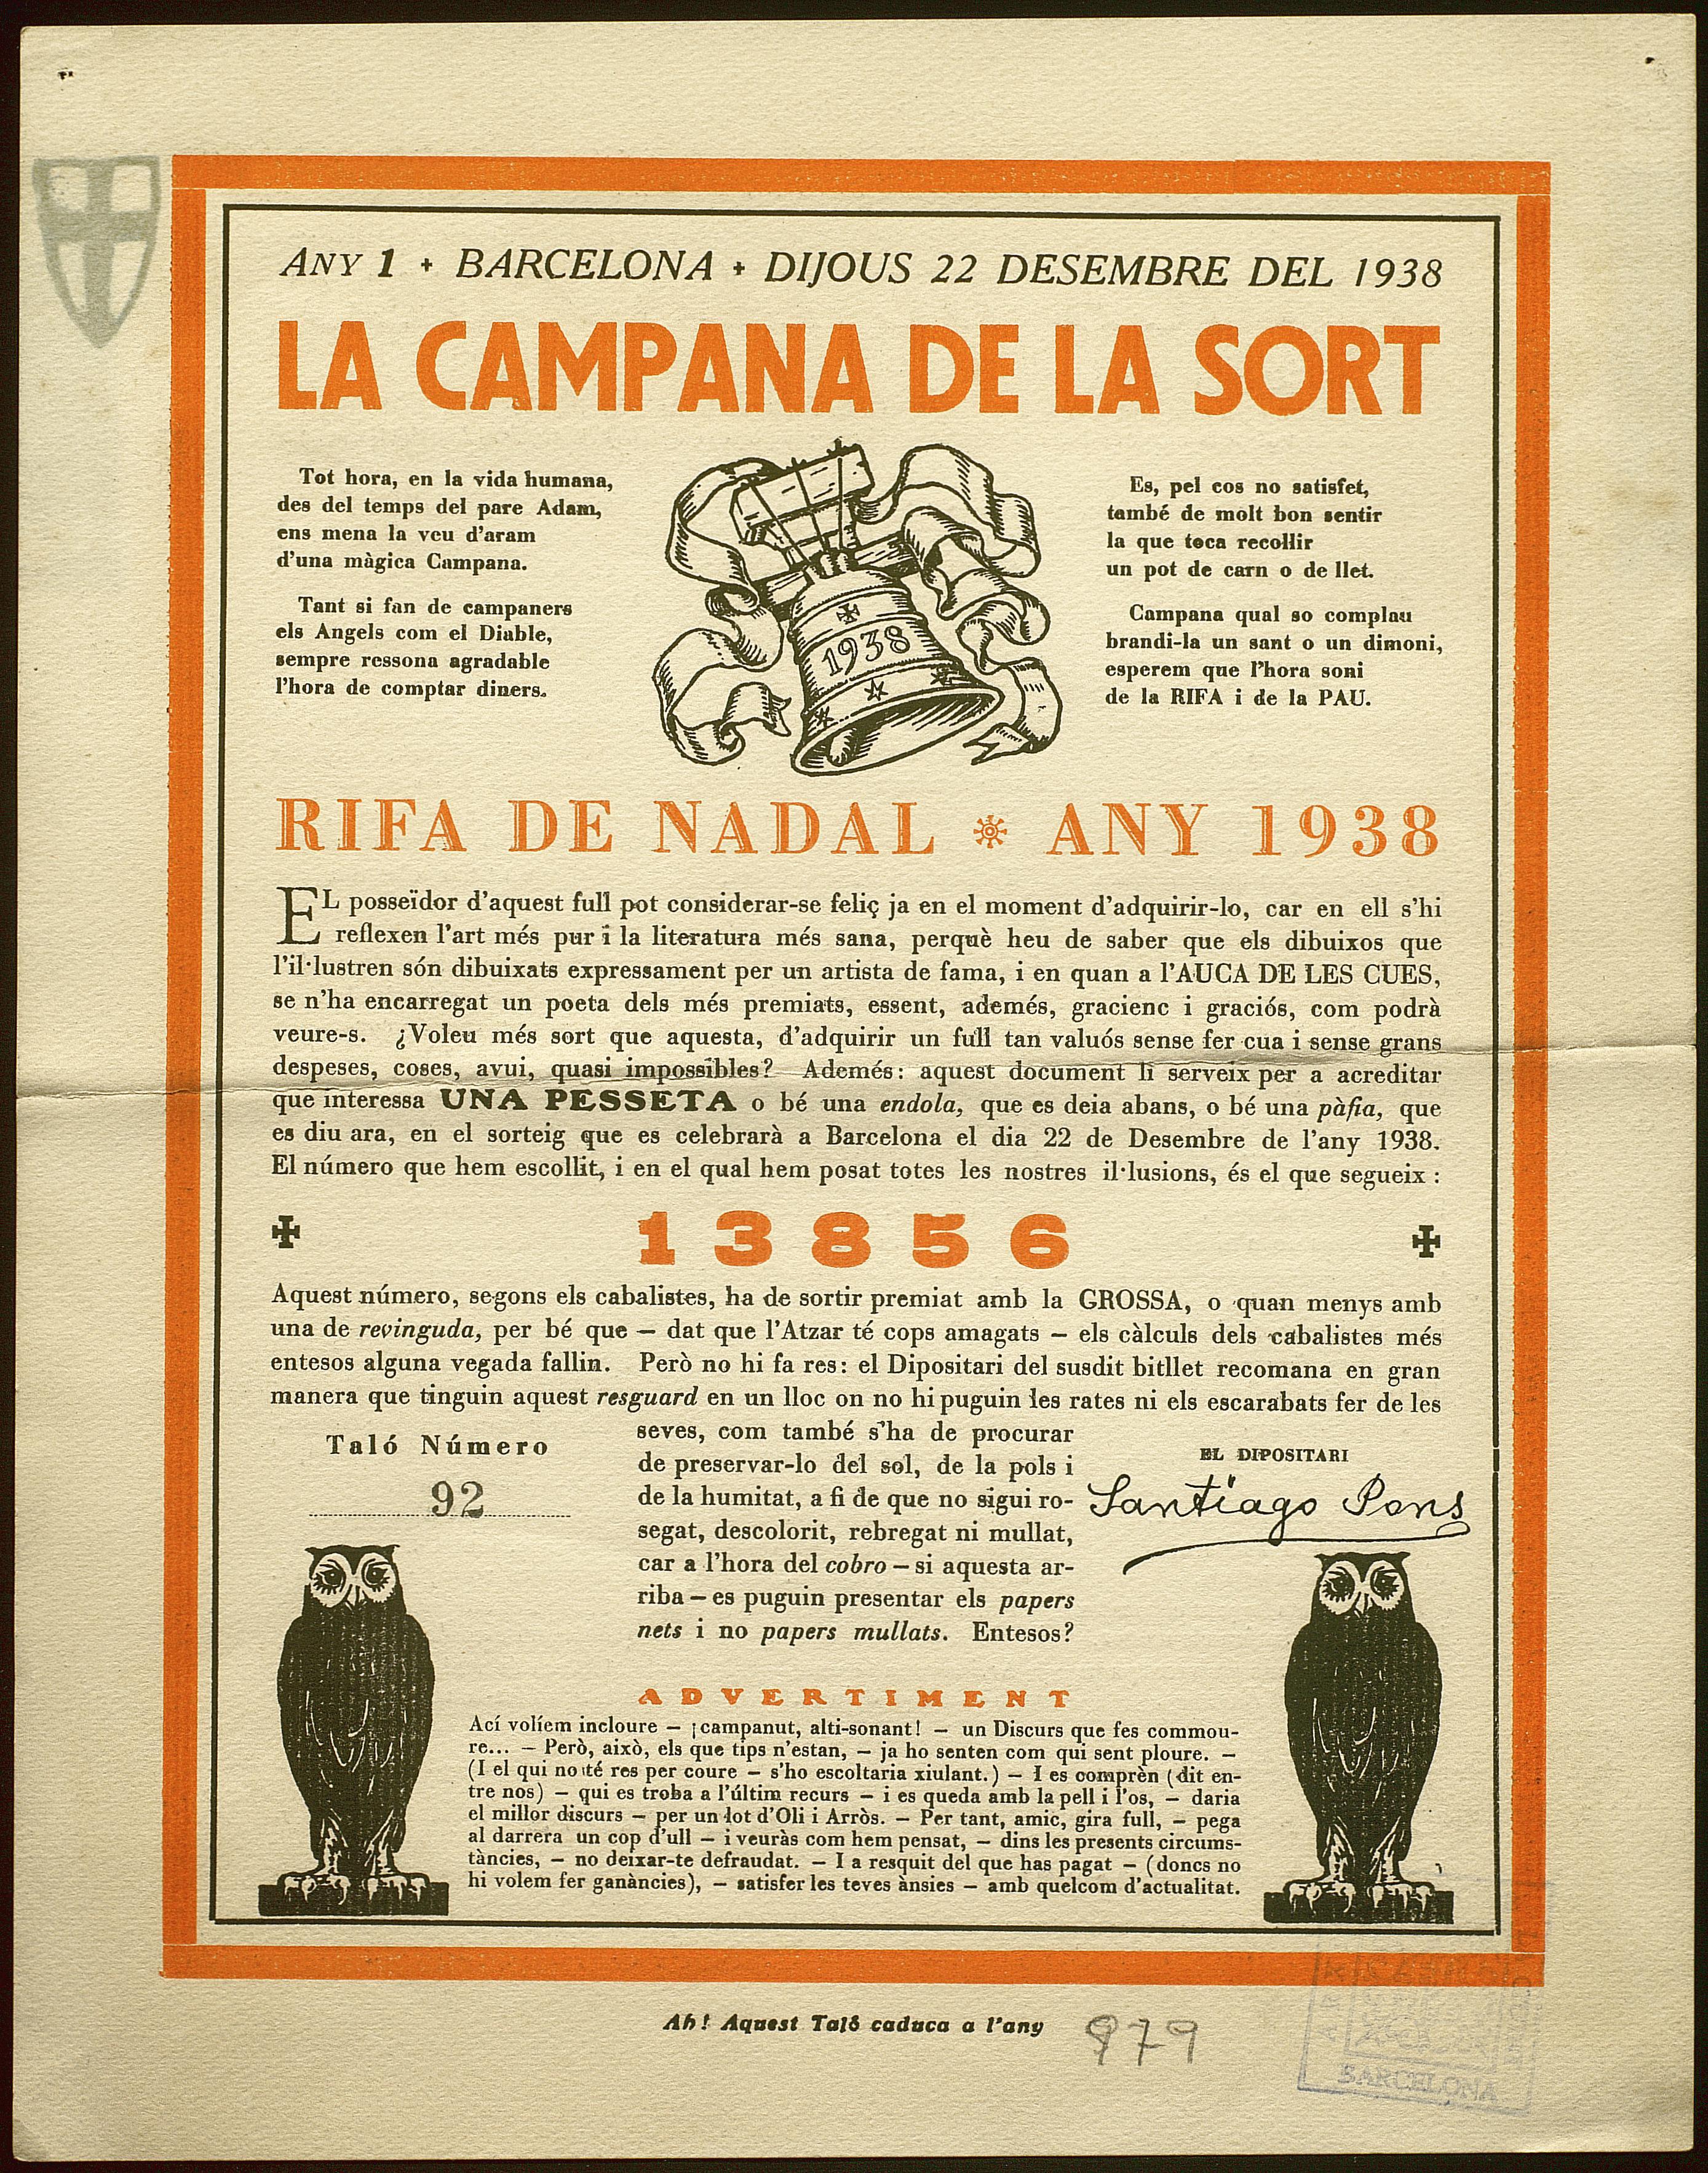 Participació humorística de la rifa de Nadal que es va celebrar a Barcelona el 22 de desembre de 1938 oferta  pel llibreter Santiago Pons Padrós.